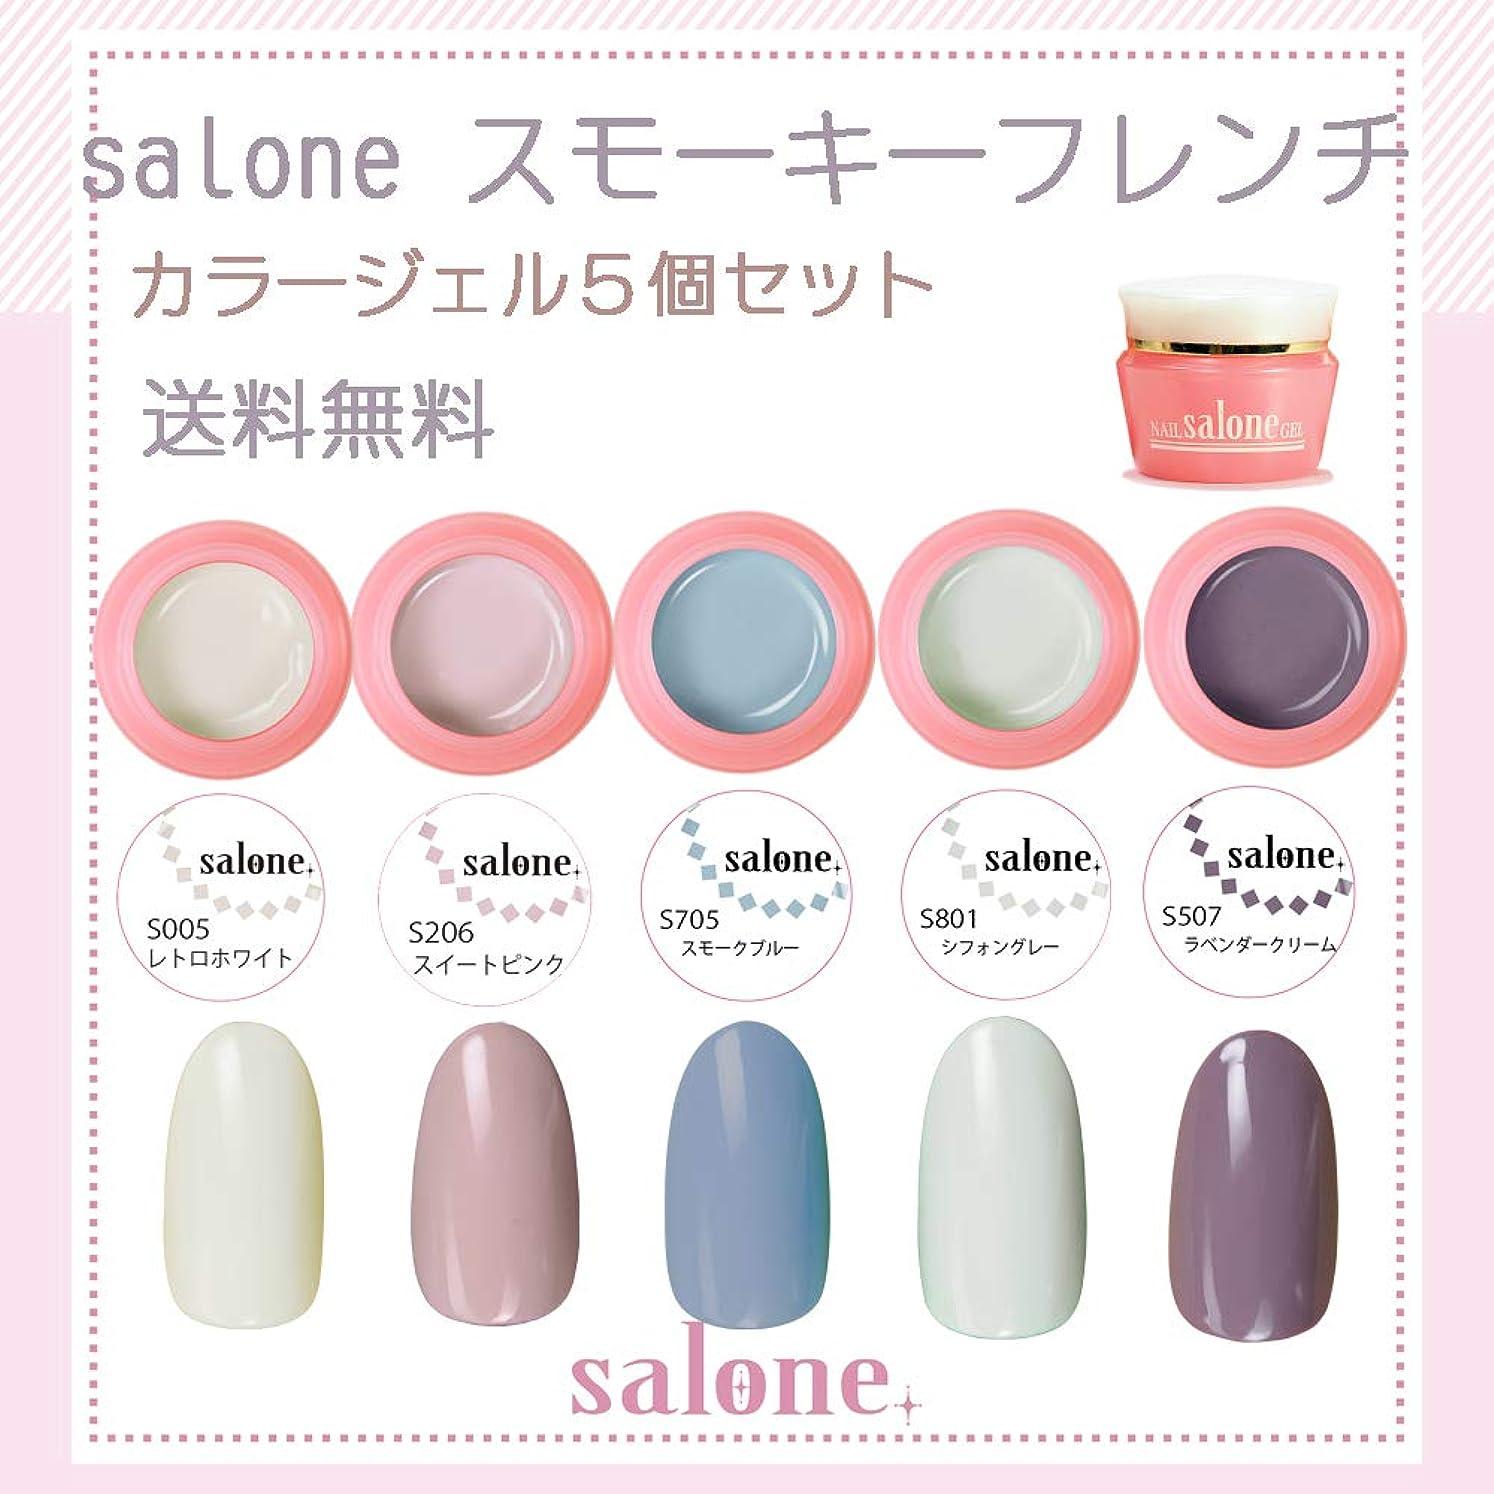 からに変化する乱れ仕方【送料無料 日本製】Salone スモーキーフレンチカラージェル5個セット スモーキーでくすみ系ネイルにピッタリなカラーをチョイス